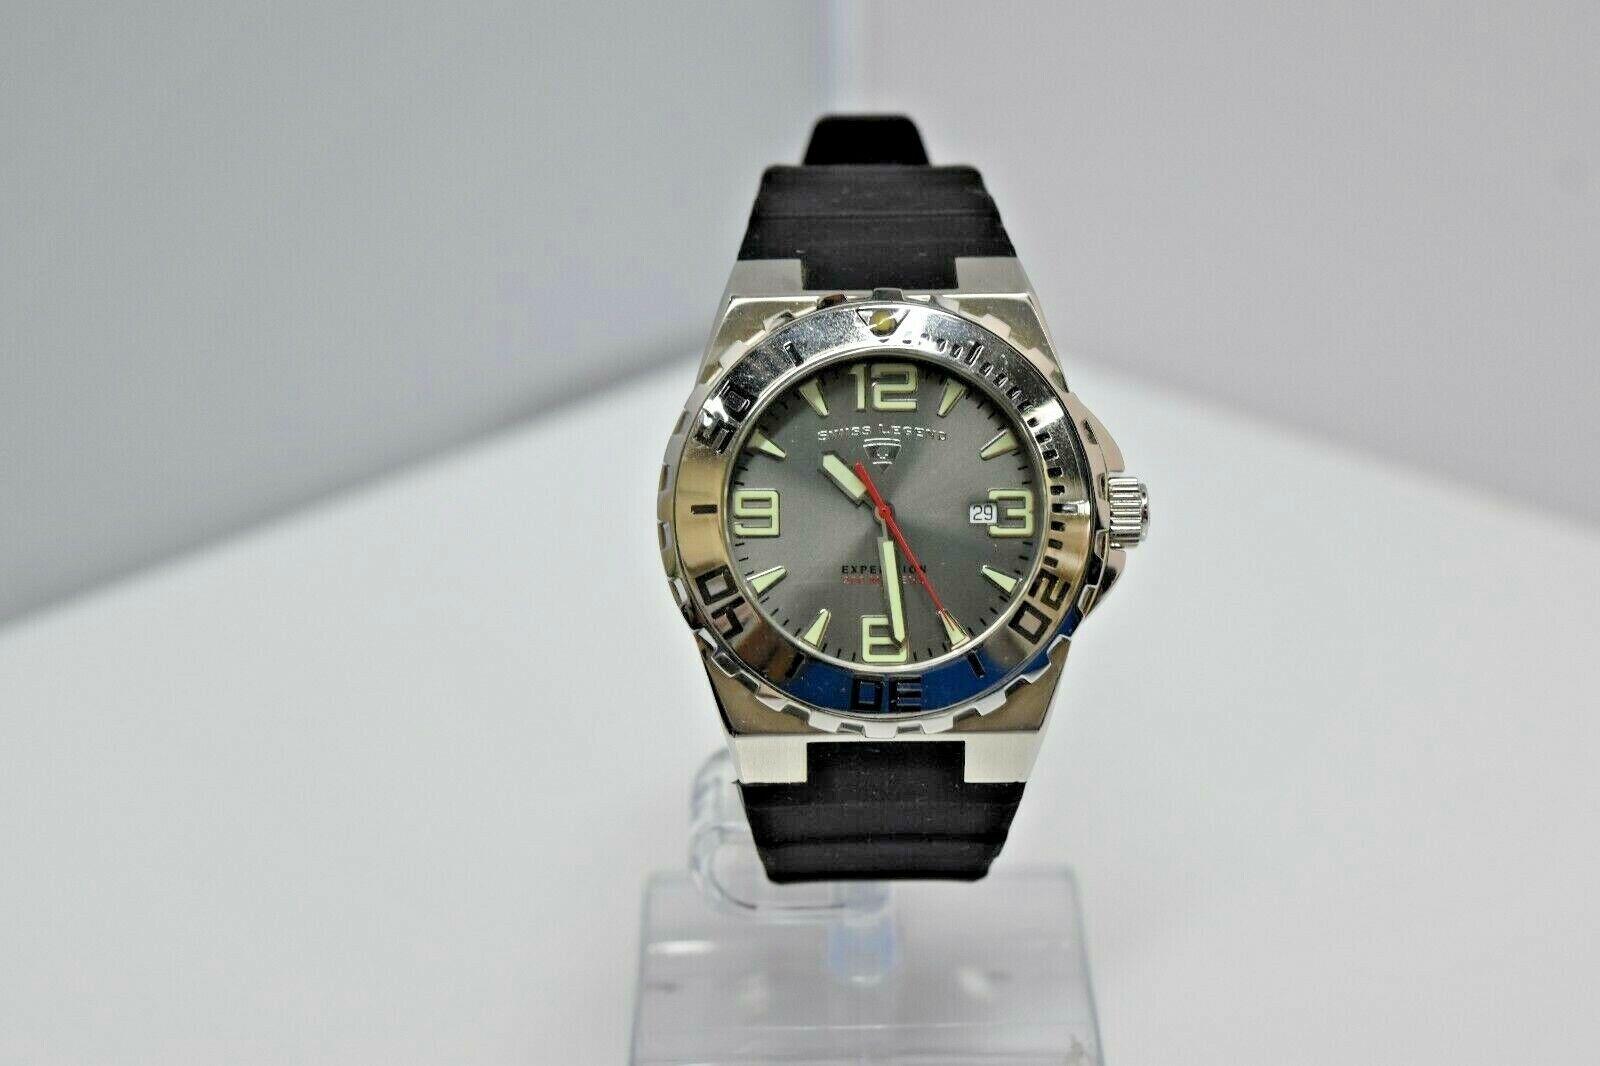 Swiss Legend Expedition Sapphitek 48mm 200M SL-10008 Watch Black/Silver/Gray